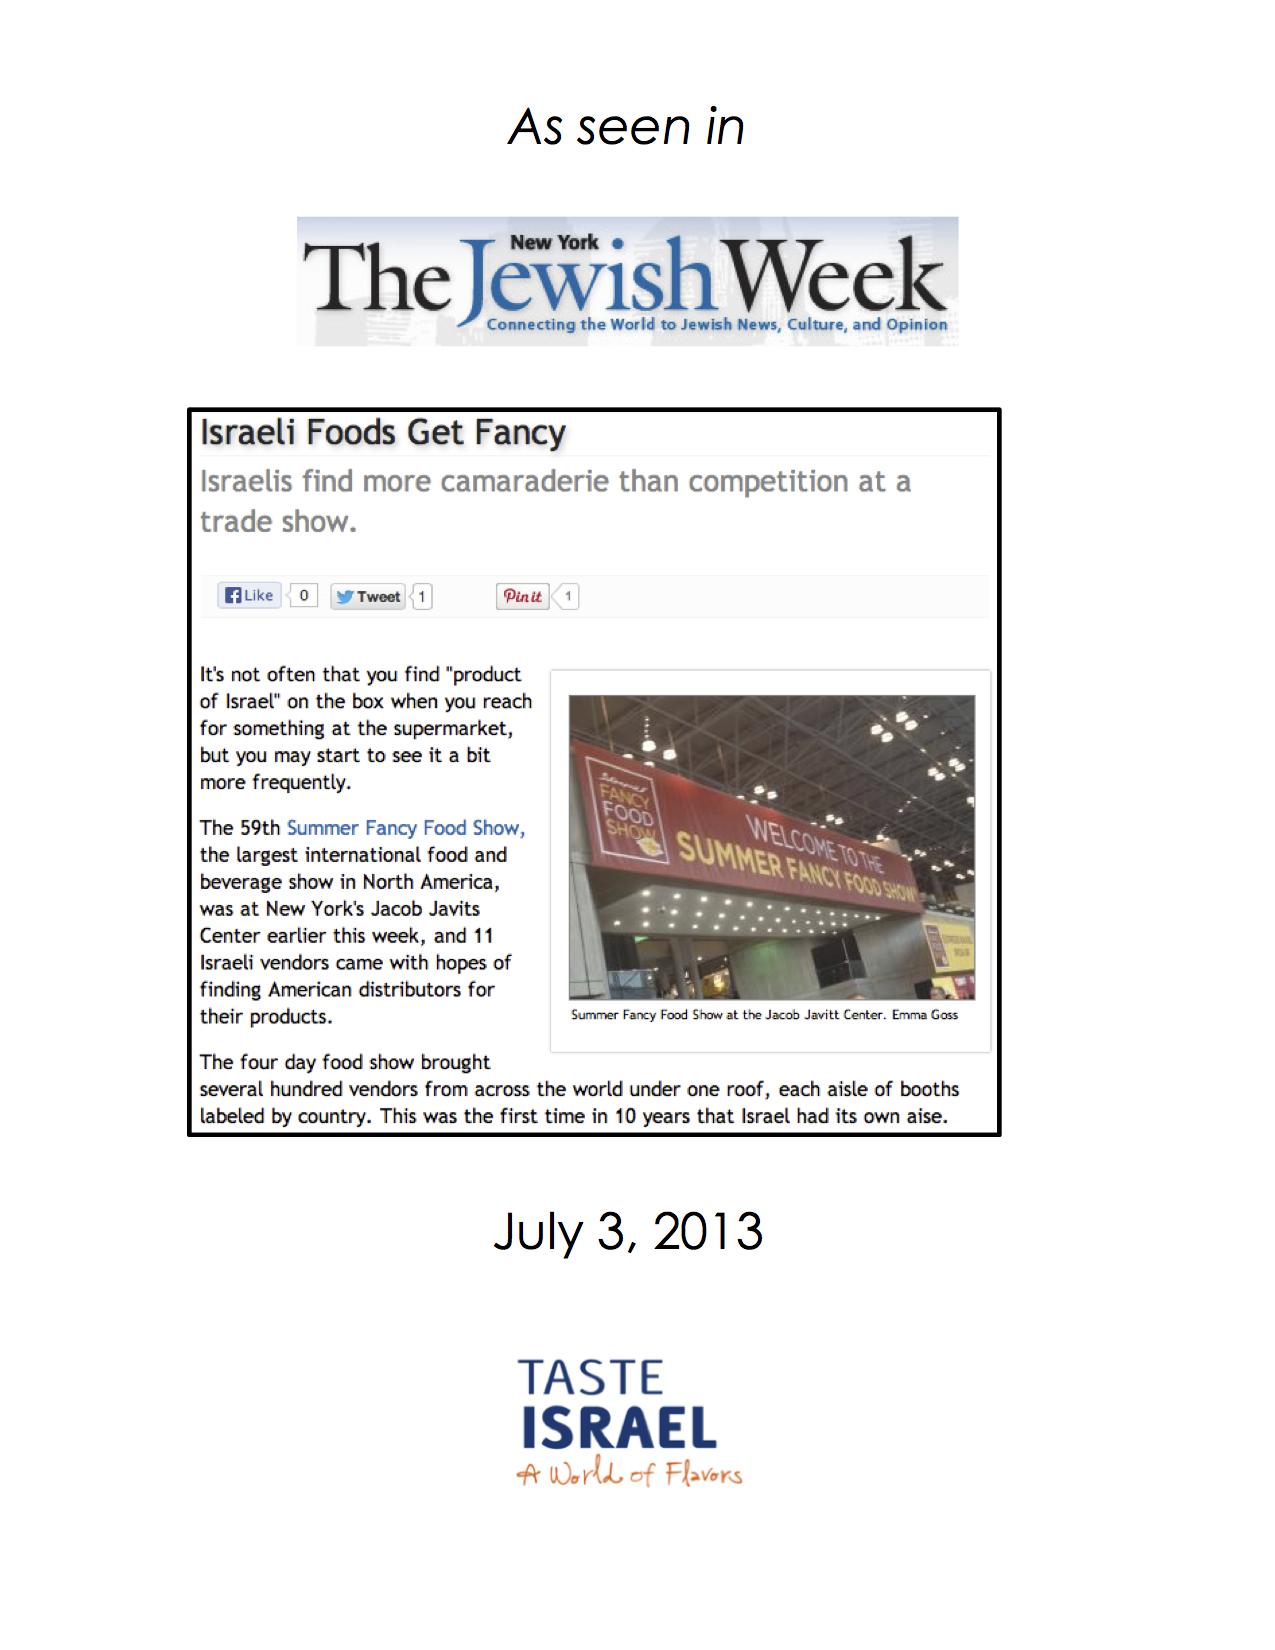 tasteofisrael-asseenin-thejewishweek copy.jpg